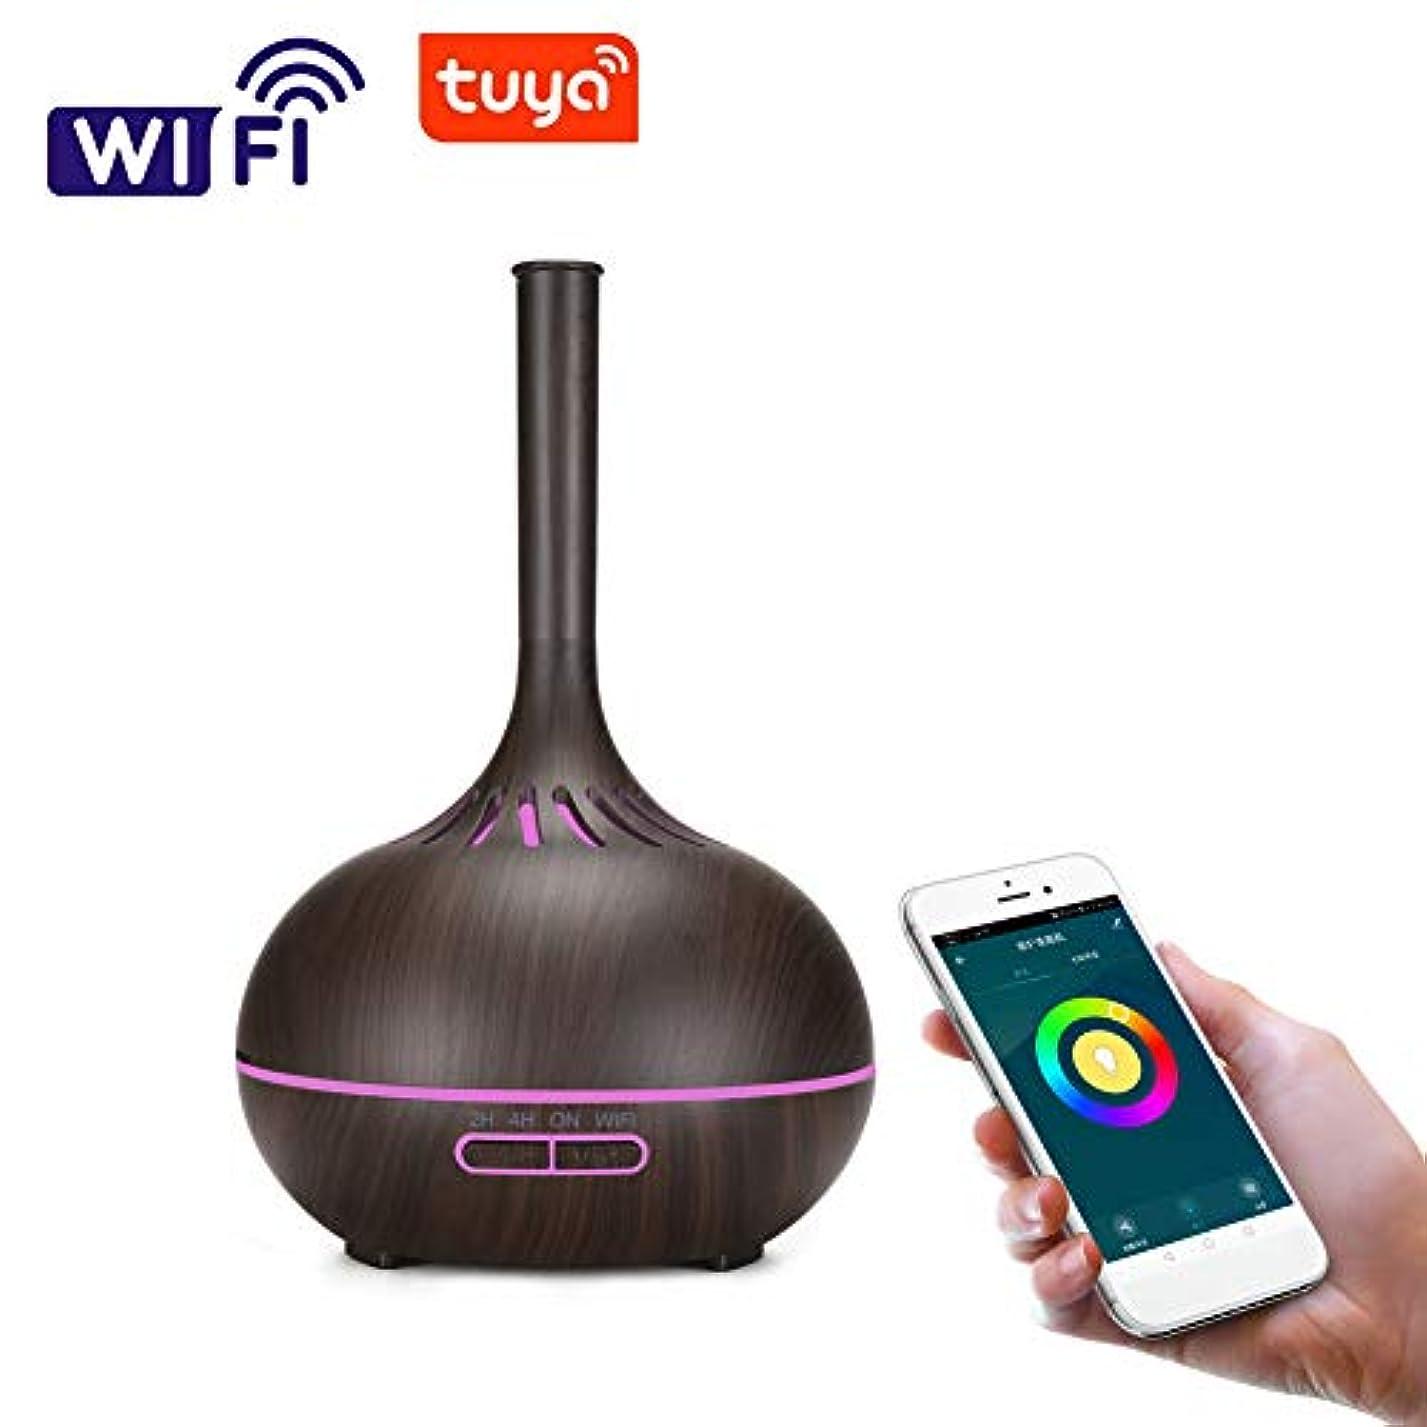 尊厳本気モネ木目 涼しい霧 超音波式 加湿器,wifi 7 色 香り 精油 ディフューザー 調整可能 空気加湿器 アロマネブライザー ホーム Yoga オフィス- 400ml